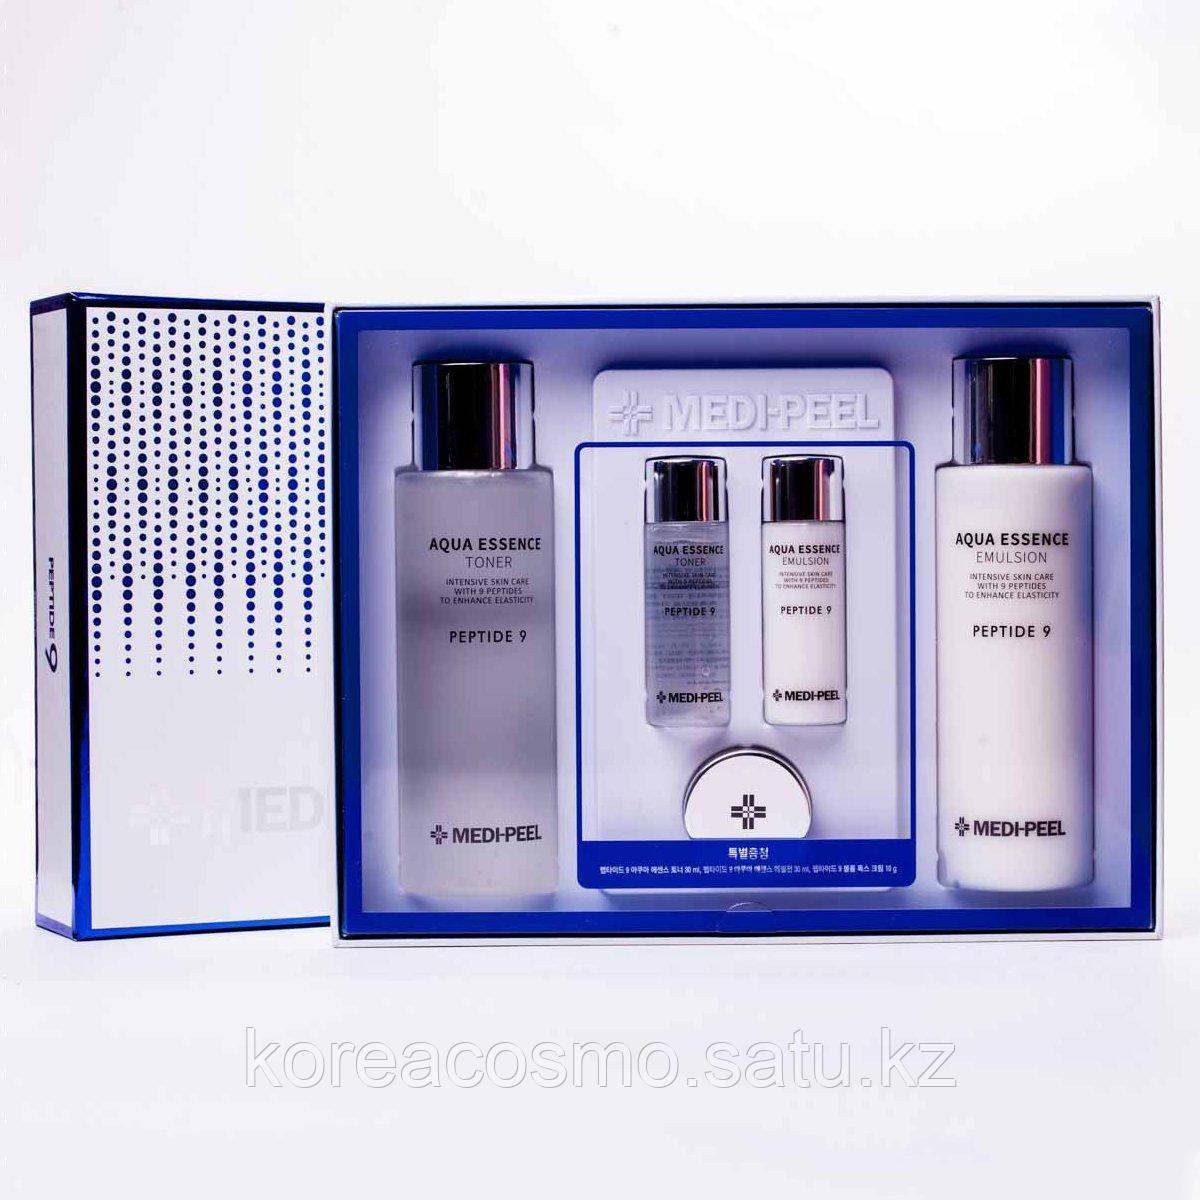 Medi-Peel Peptide 9 Skin Care Special Set (5 предметов) Набор лифтинговых пептидных средств для лица